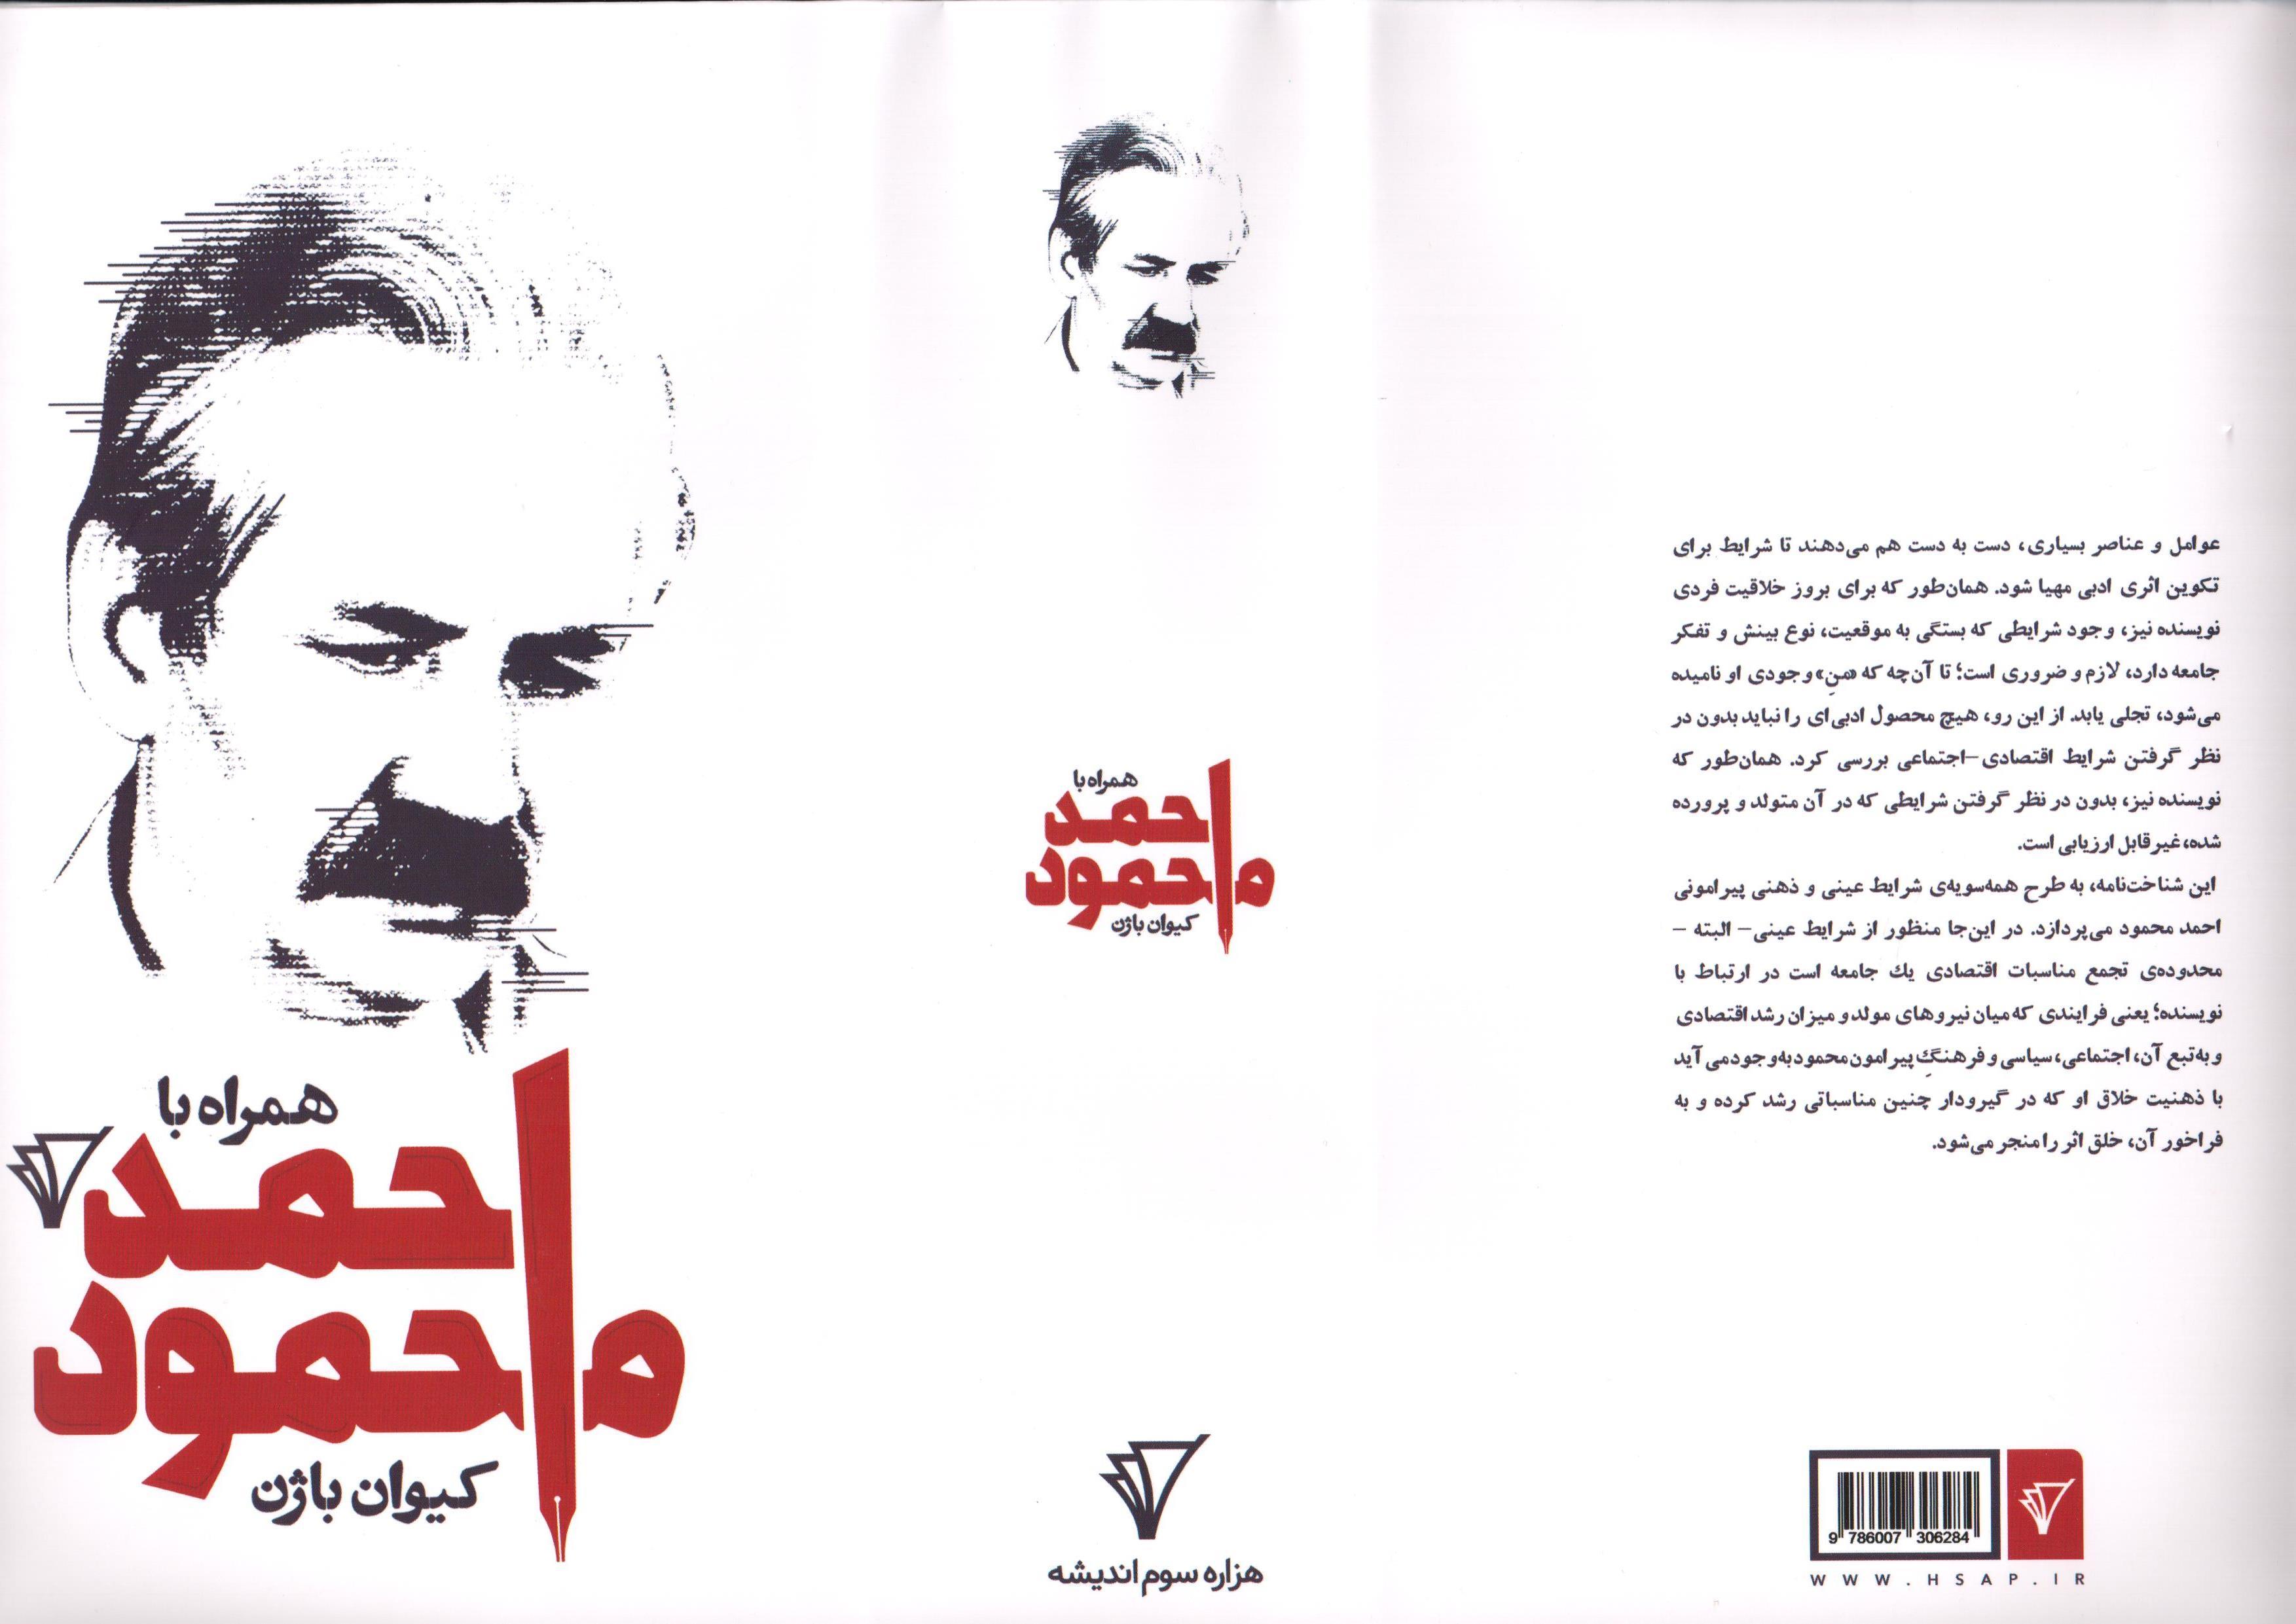 شناخت نامه احمد محمود منتشر شد